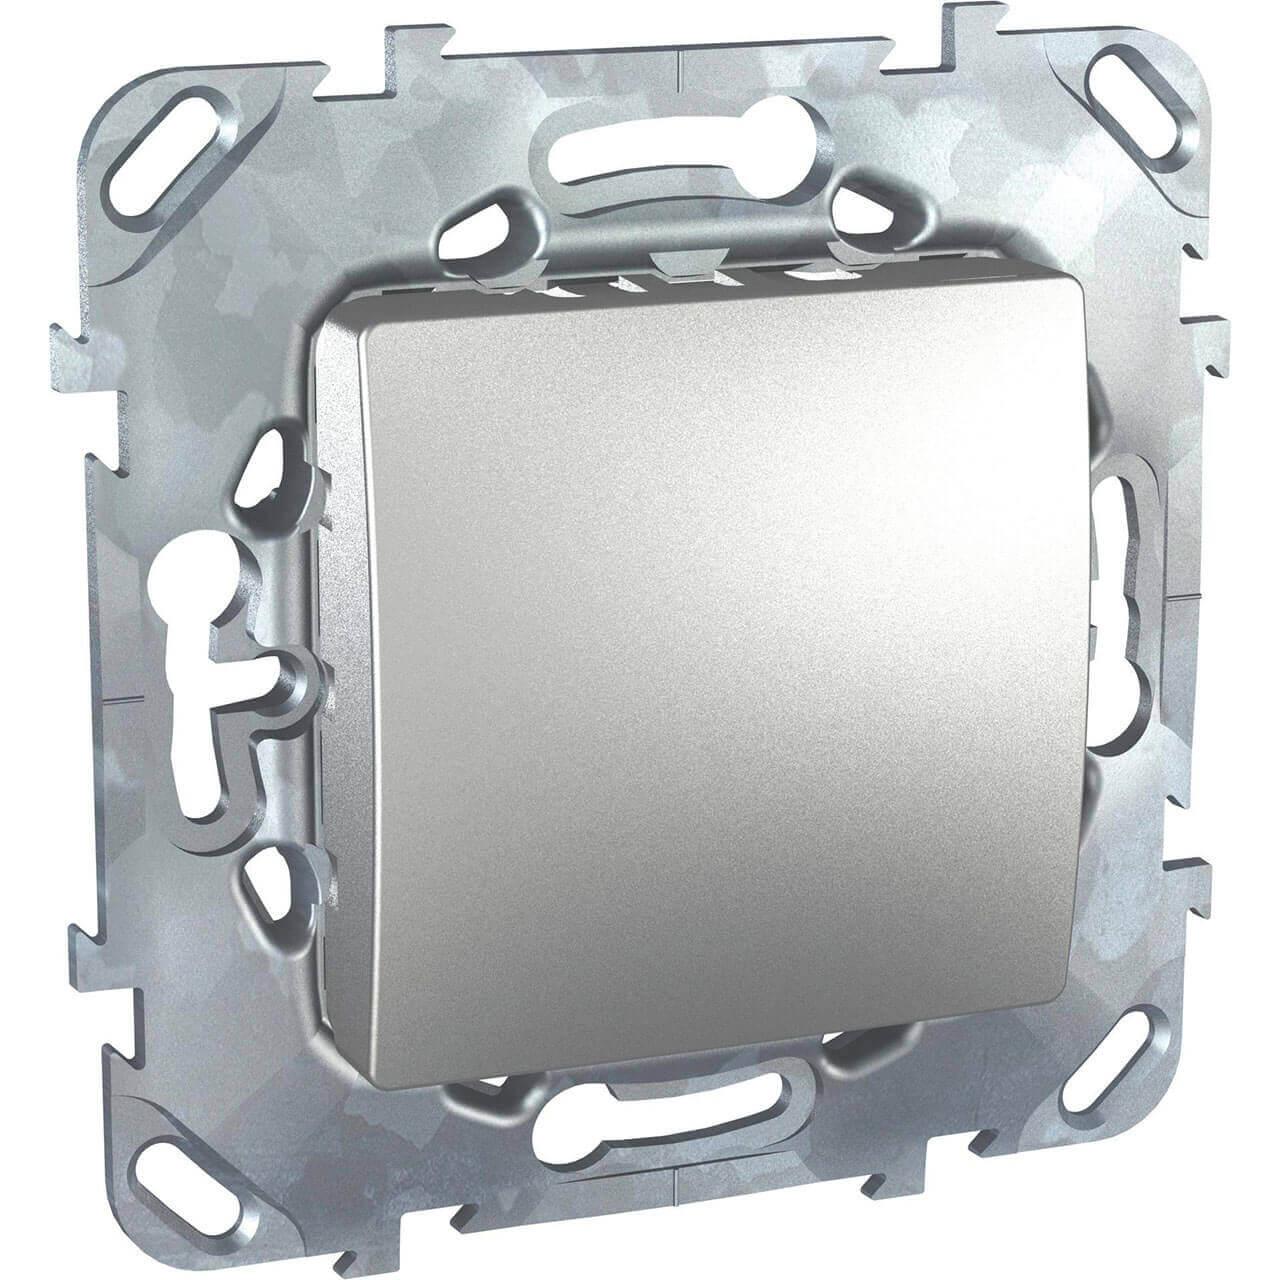 Заглушка Schneider Electric MGU5.866.30ZD Unica Top (Подходит под рамки Unica Top, Unica Class)